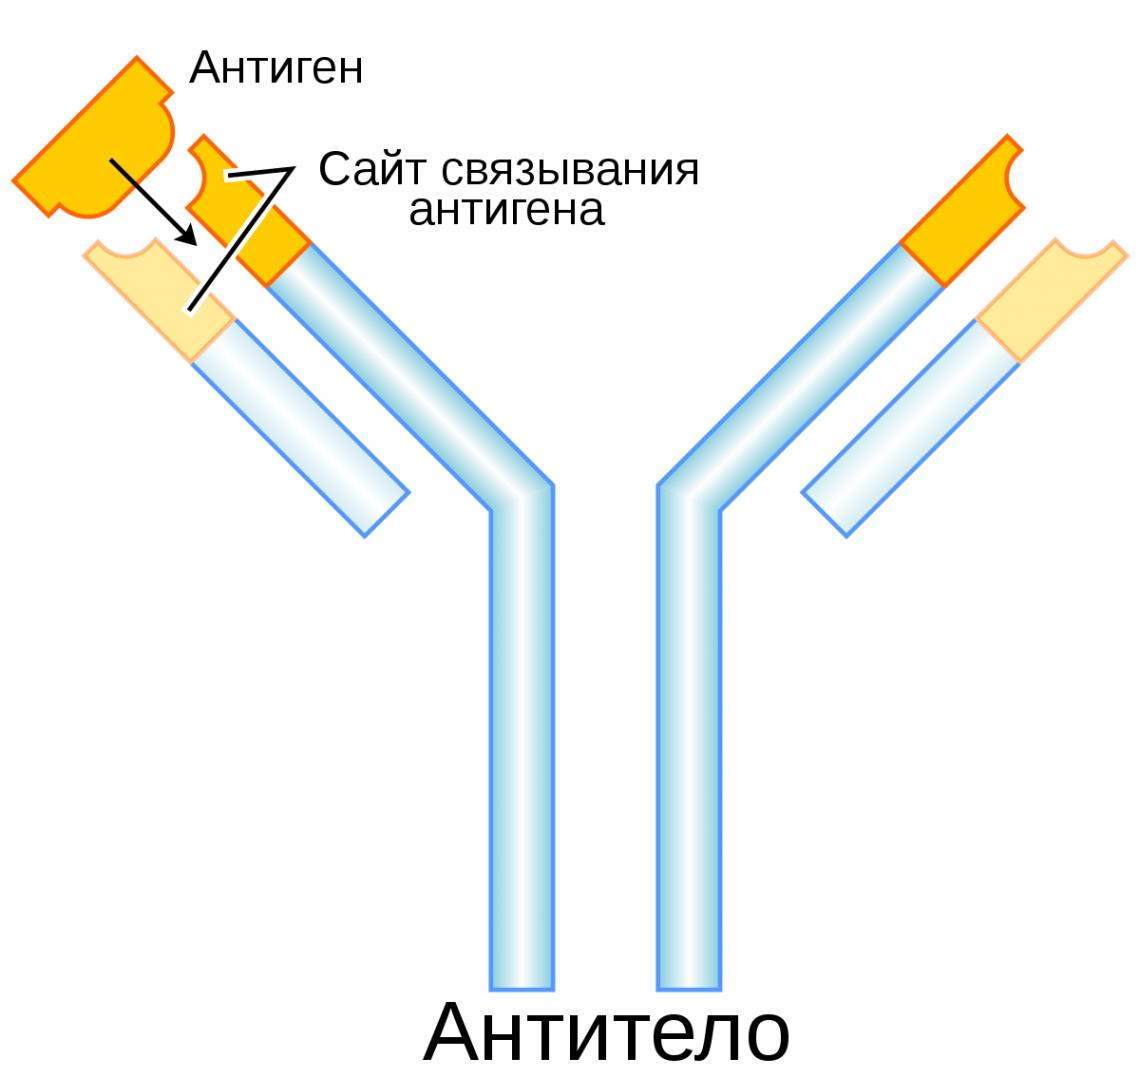 Так схематически изображают антитело. Букву Y образуют т.н. тяжёлые цепи, a кветвям Y прикреплены лёгкие цепи. Синим обозначен константный домен, ажёлтым— вариабельный домен, который как раз иподстраивается под тот или иной антиген.